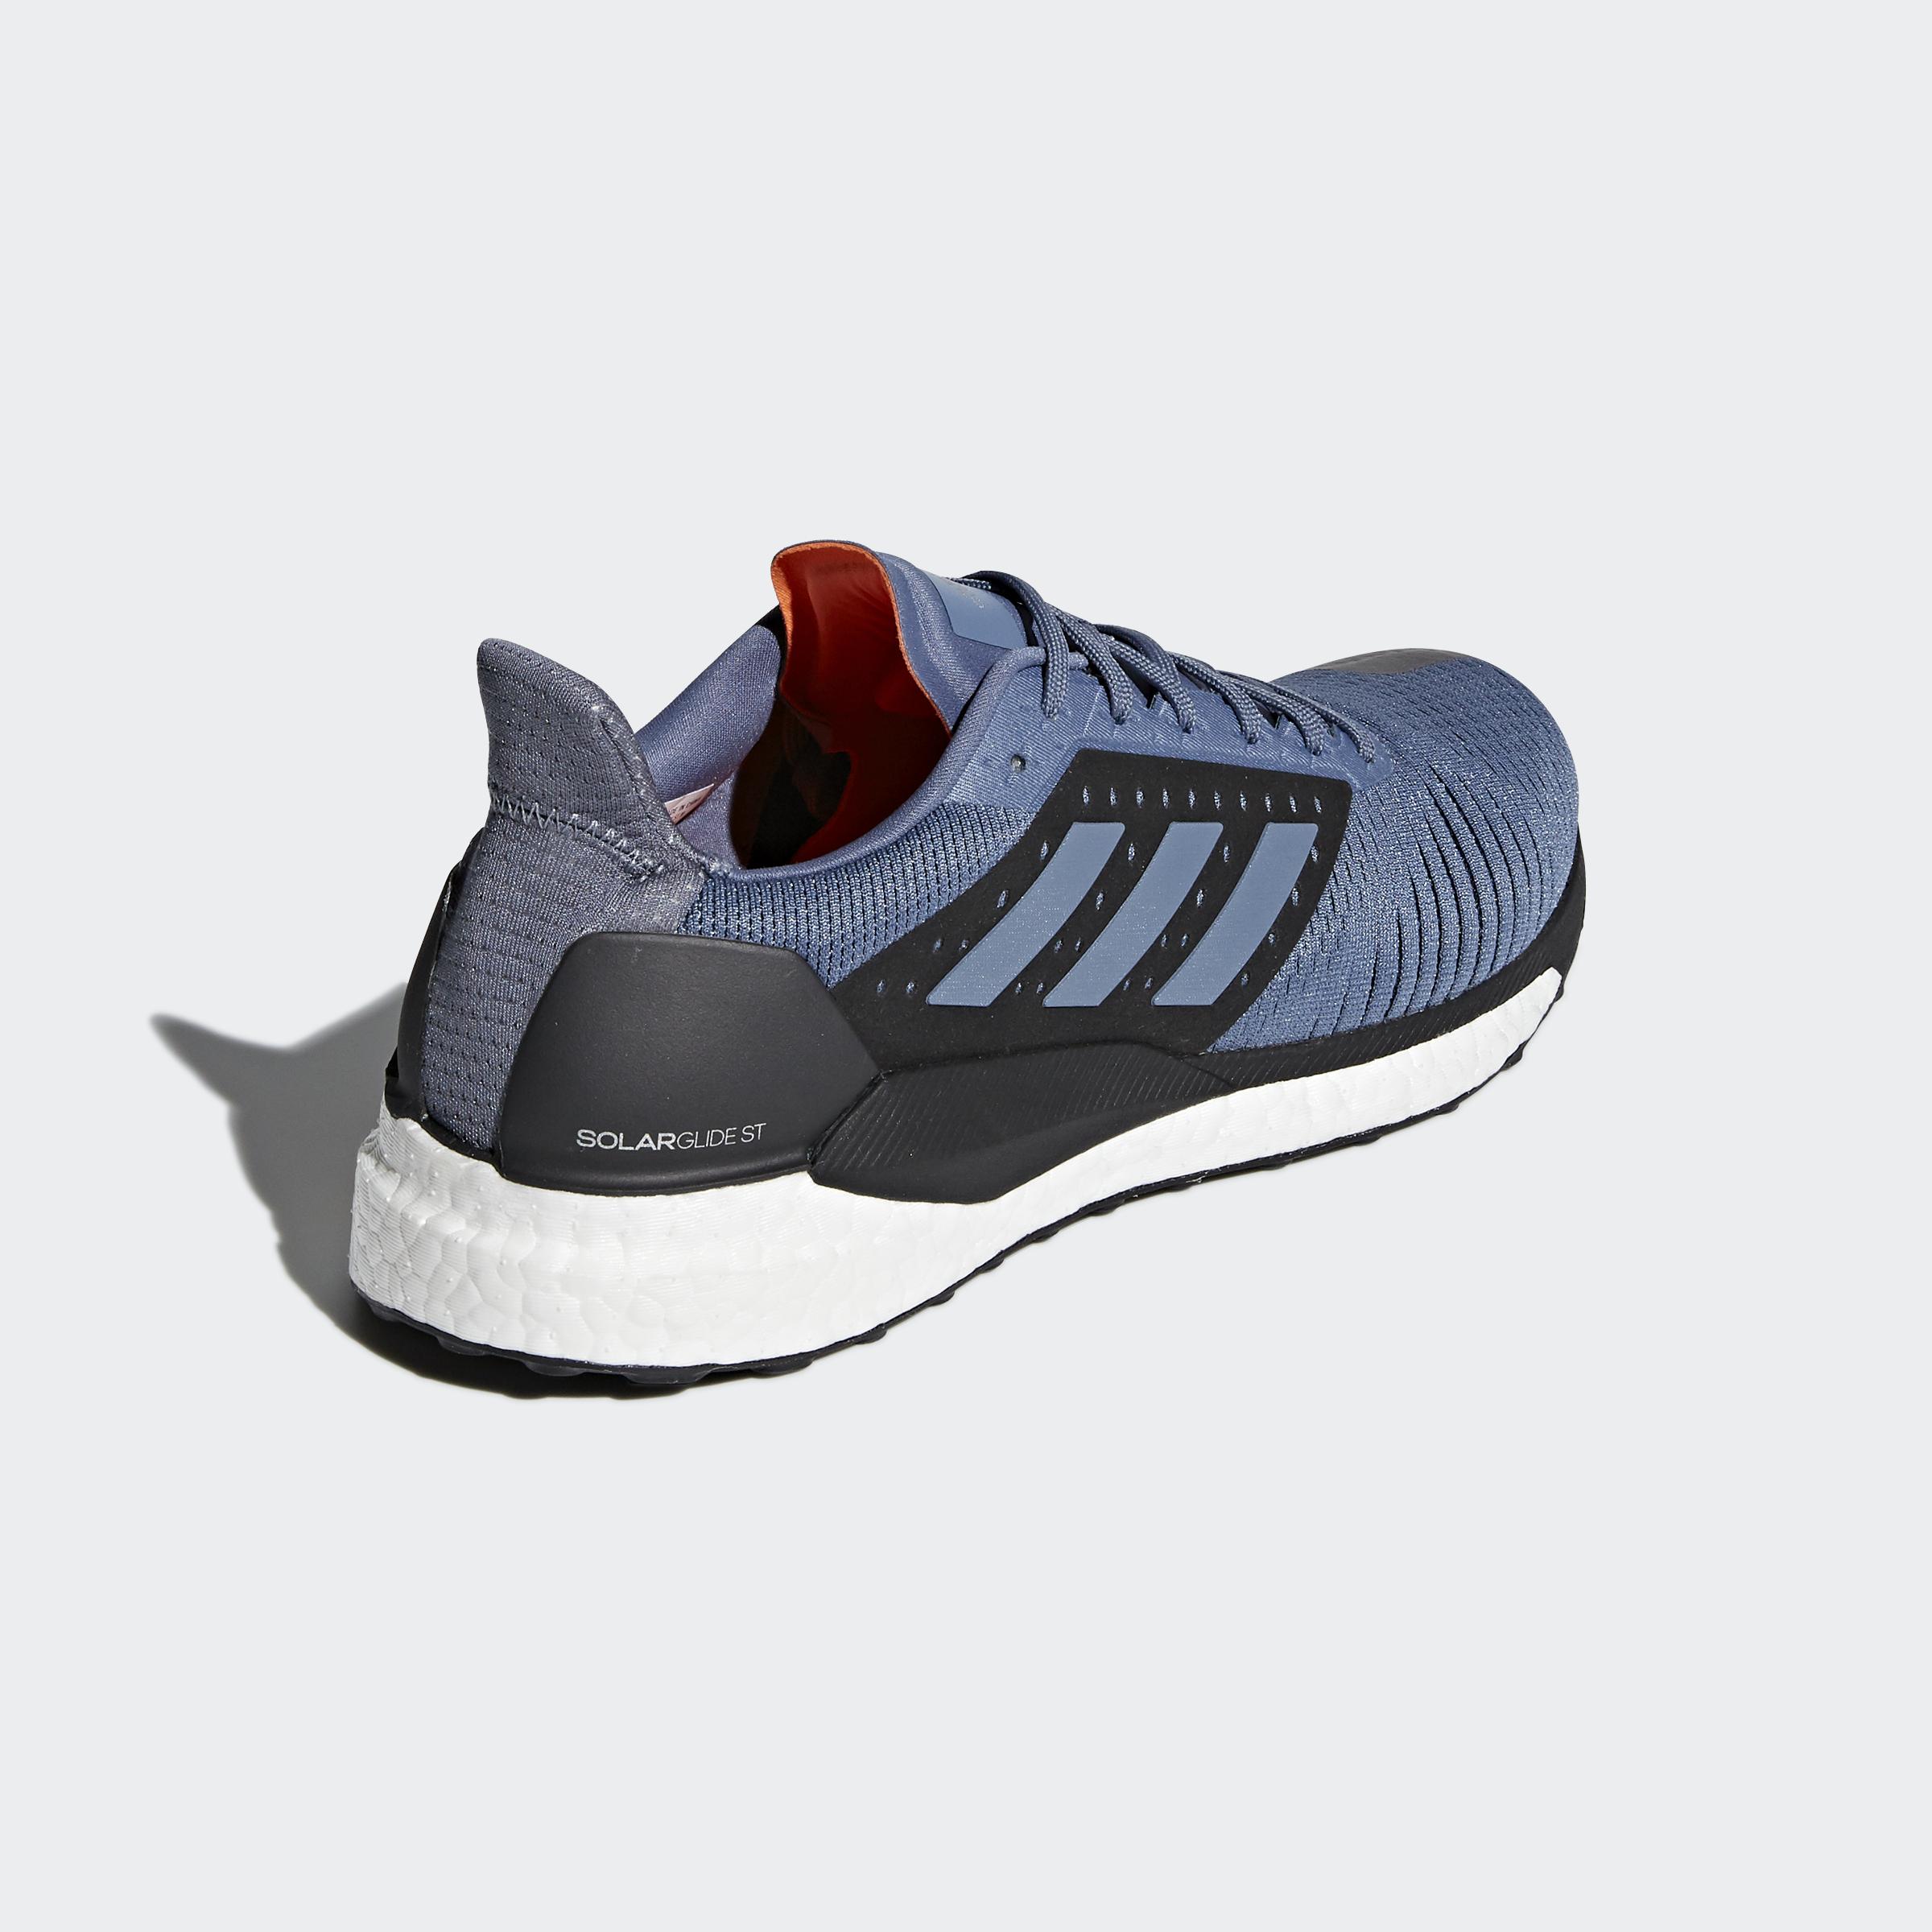 Chaussures De Glisse Solaire St rBL0Q7